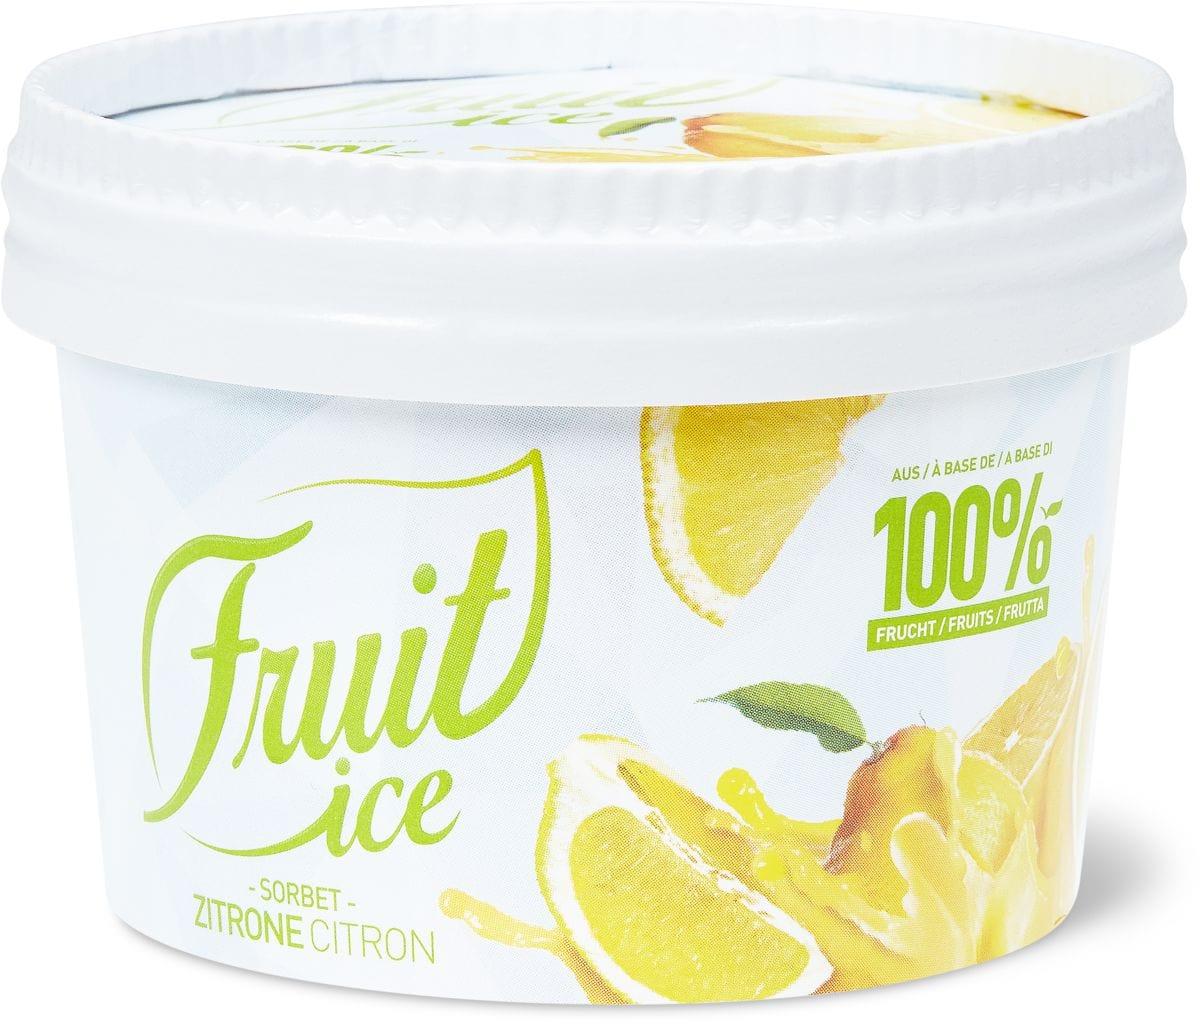 Fruit Ice Sorbet Zitrone